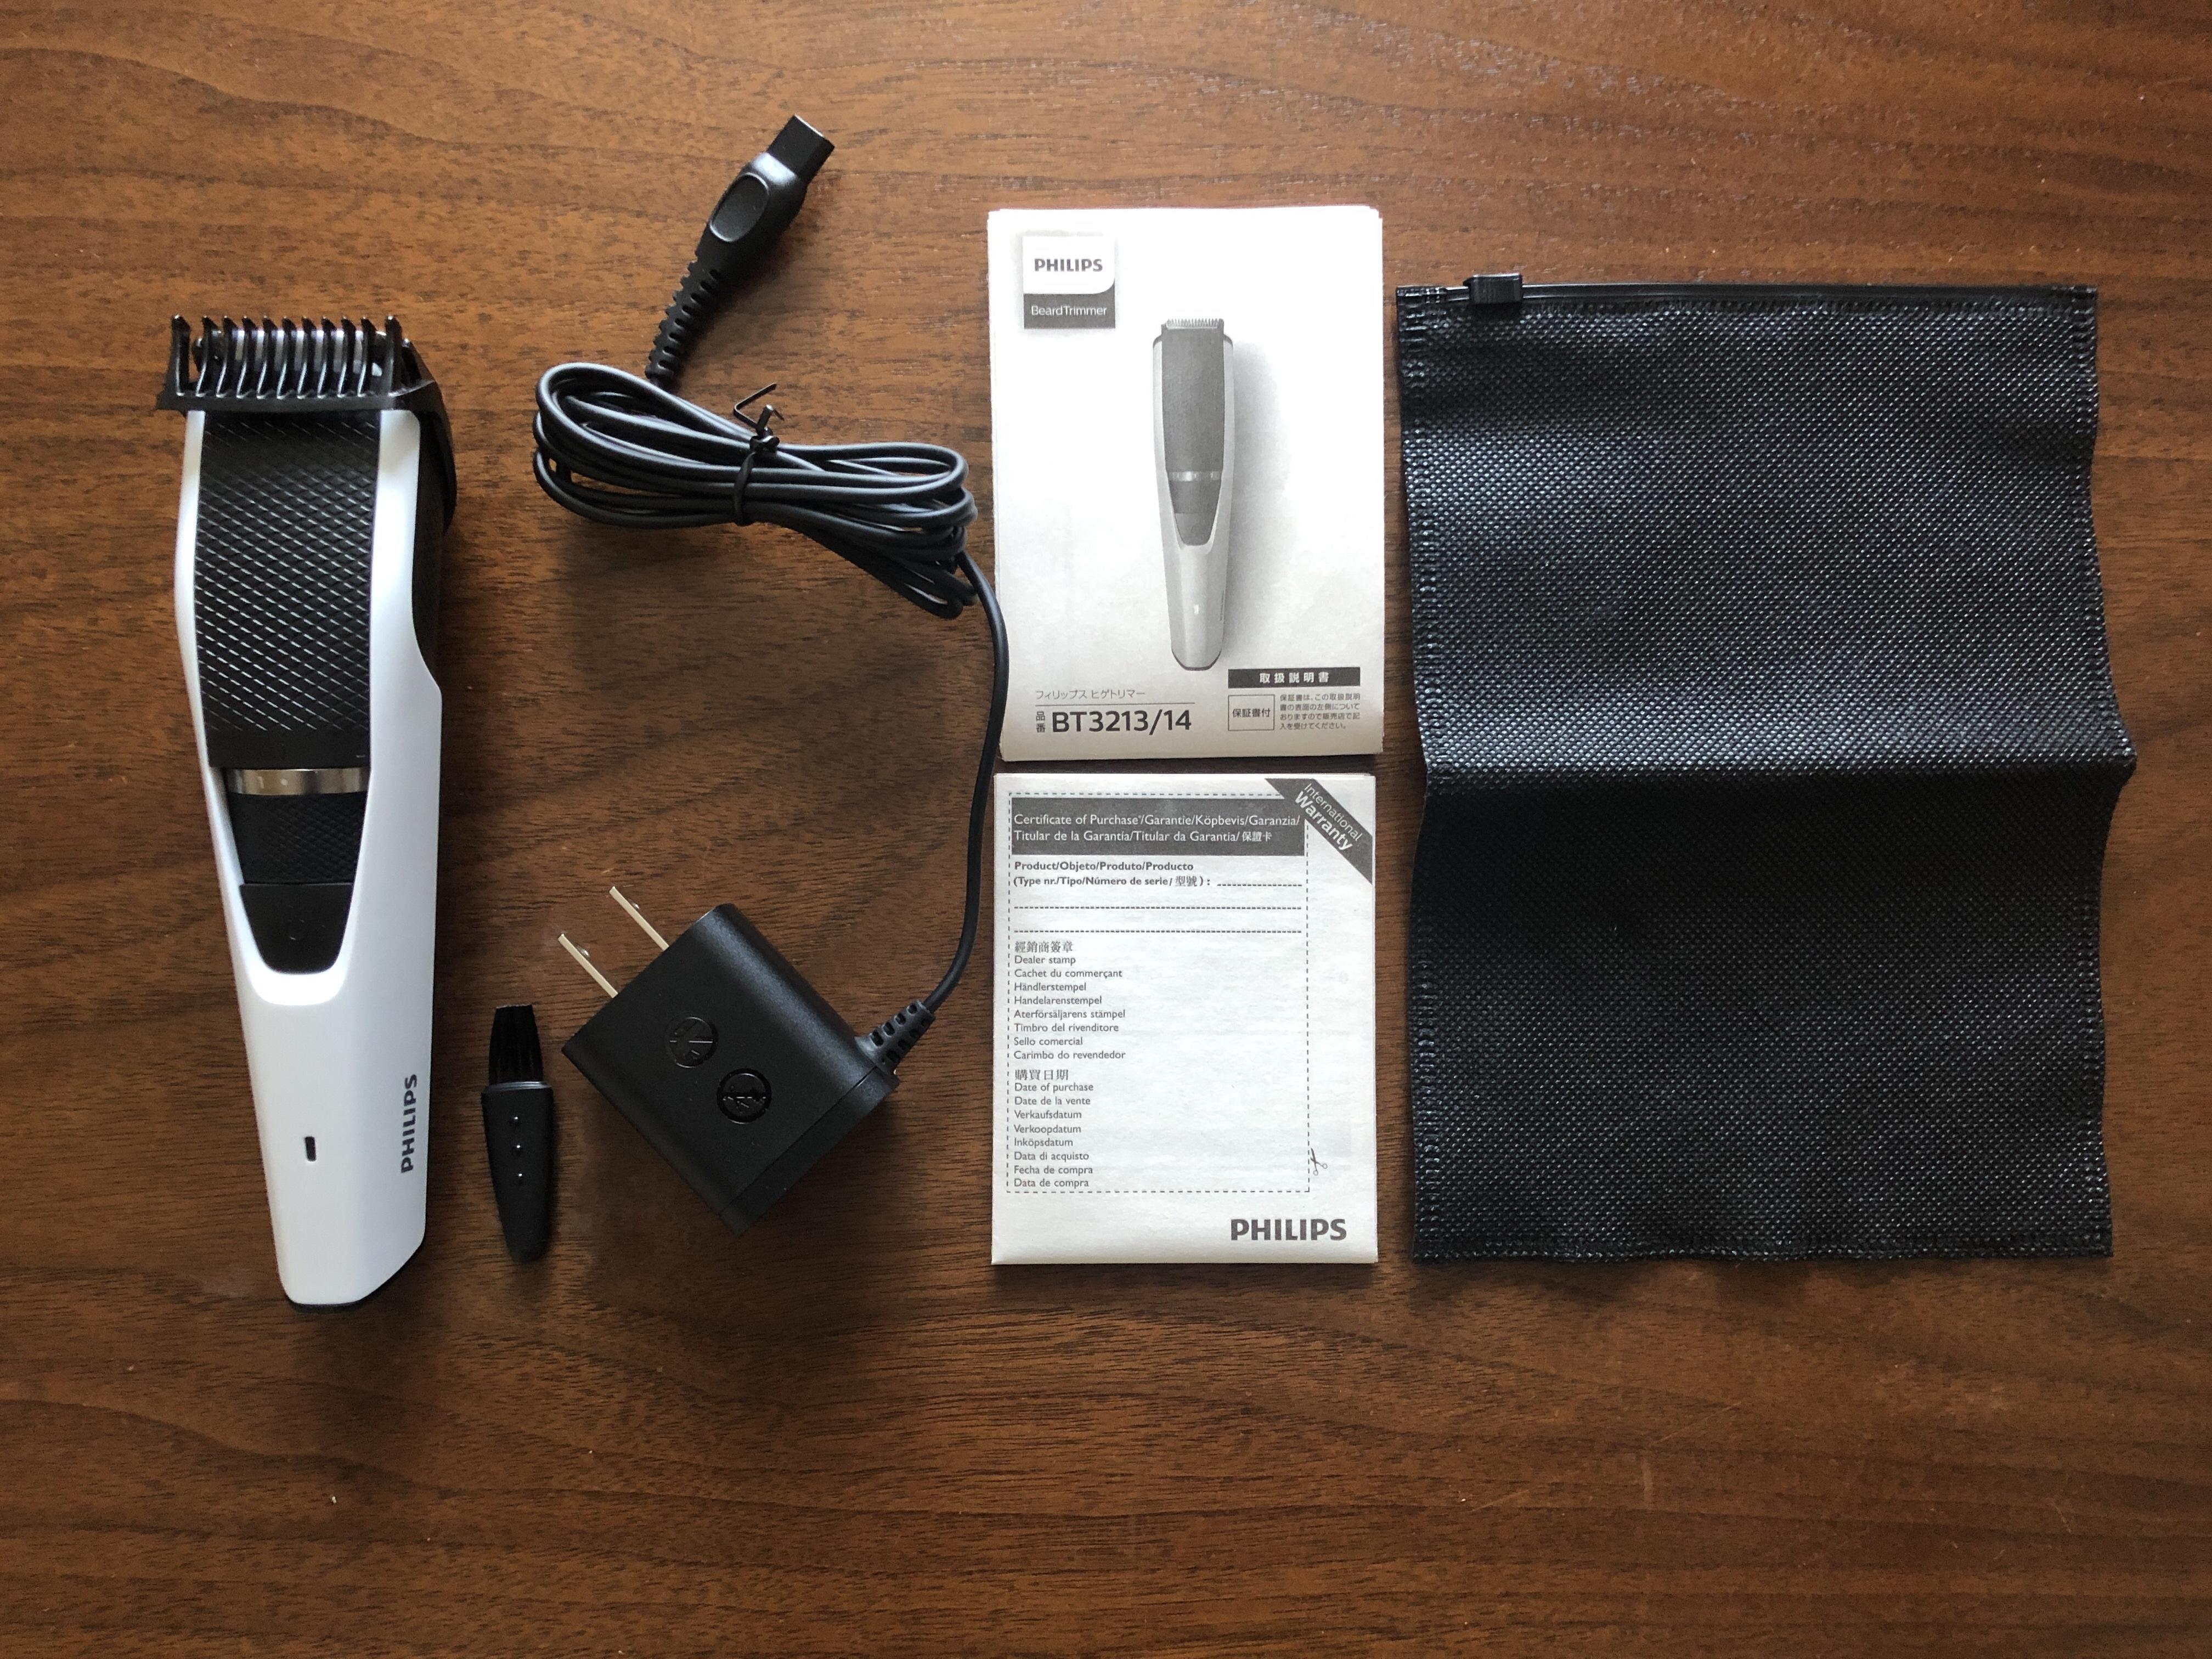 【髭トリマー Philips BT3213/14レビュー】 0.5〜10mmまで20段階調節で細かな髭デザインが出来るコンパクト髭トリマー